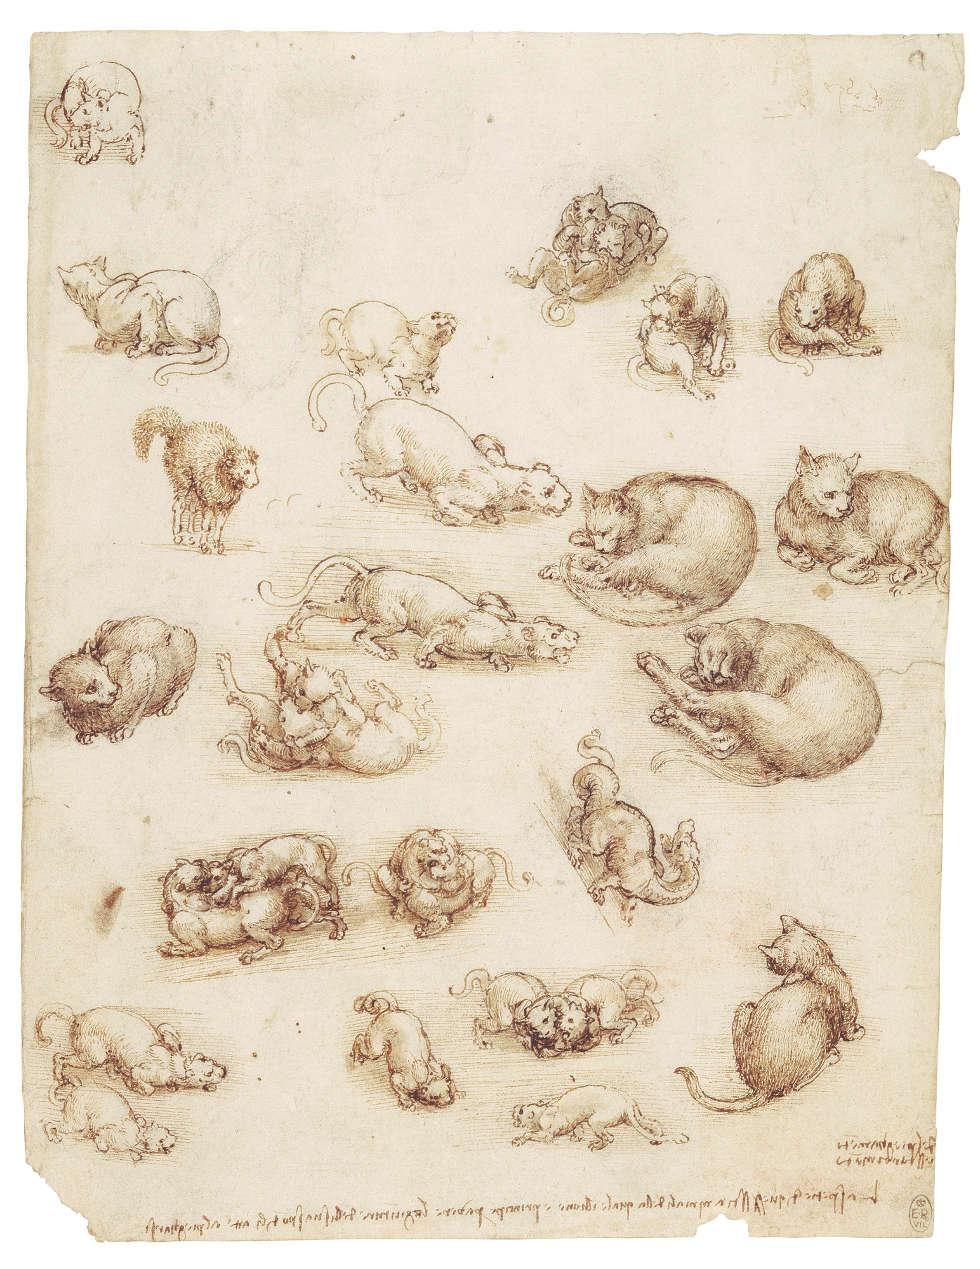 Leonardo da Vinci, Katzen, Löwen und ein Drache, um 1513–1518, Feder und Tusche mit Lavierung über schwarzer Kreide, 27 x 21 cm (Blattmaß) (Royal Collection of the Queen, Inv.-Nr. RCIN 912363)